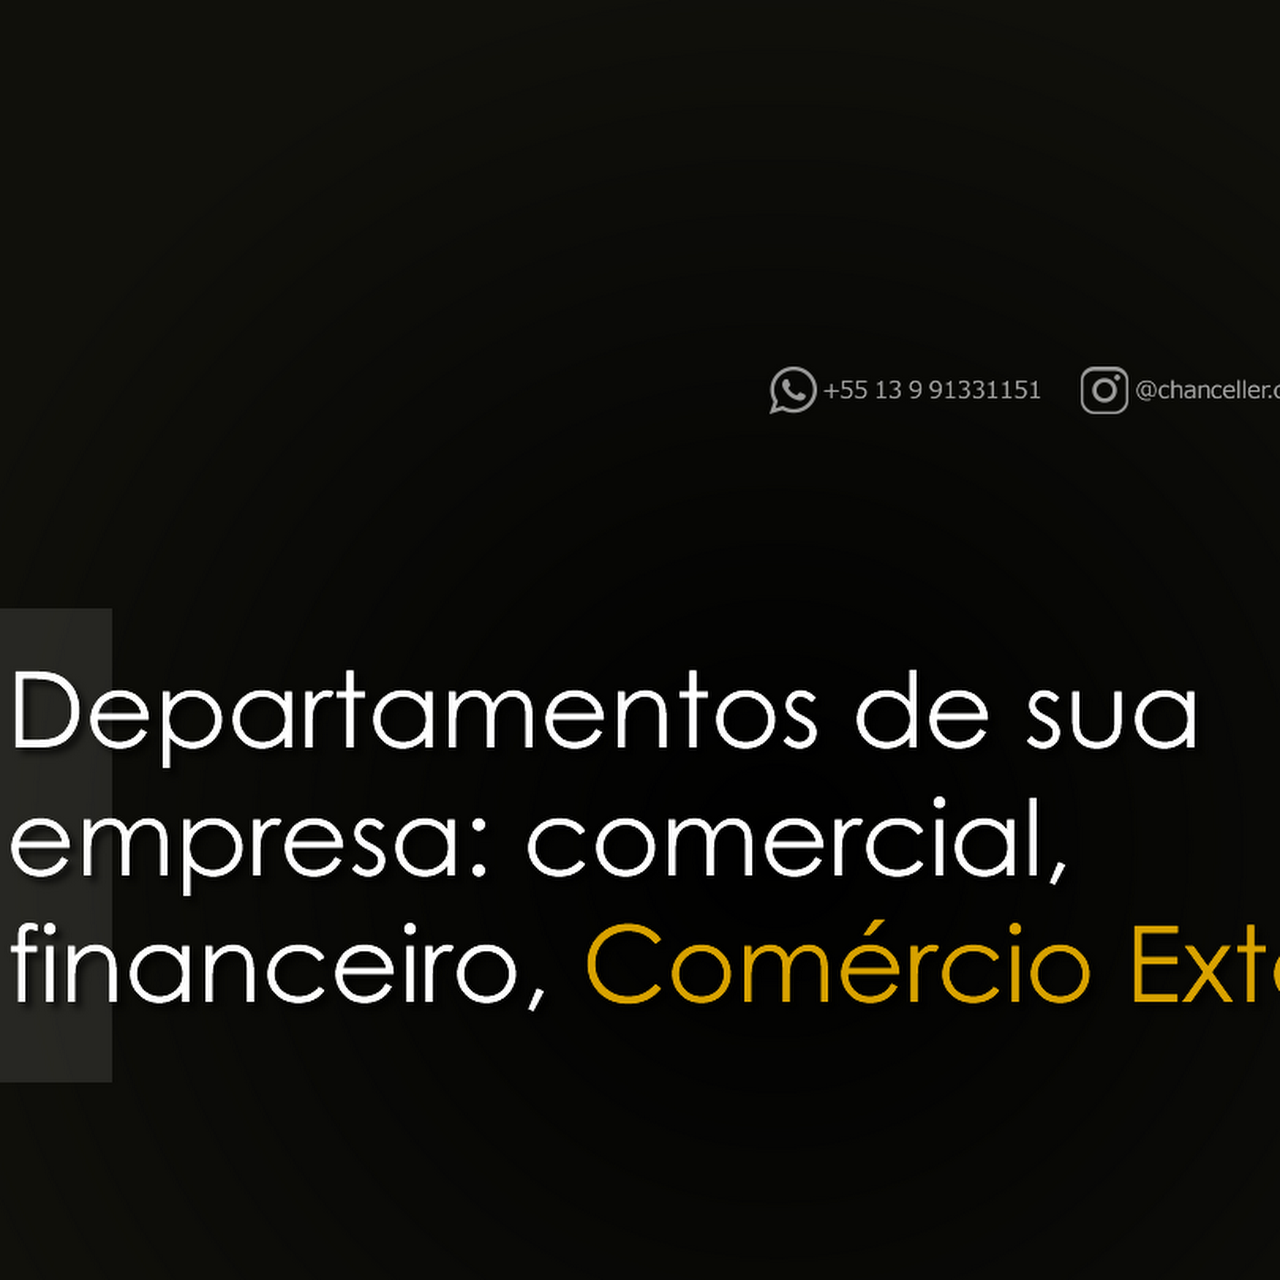 b79af4abc3837 Assessoria Importação Exportação - Chanceller - Empresa ...